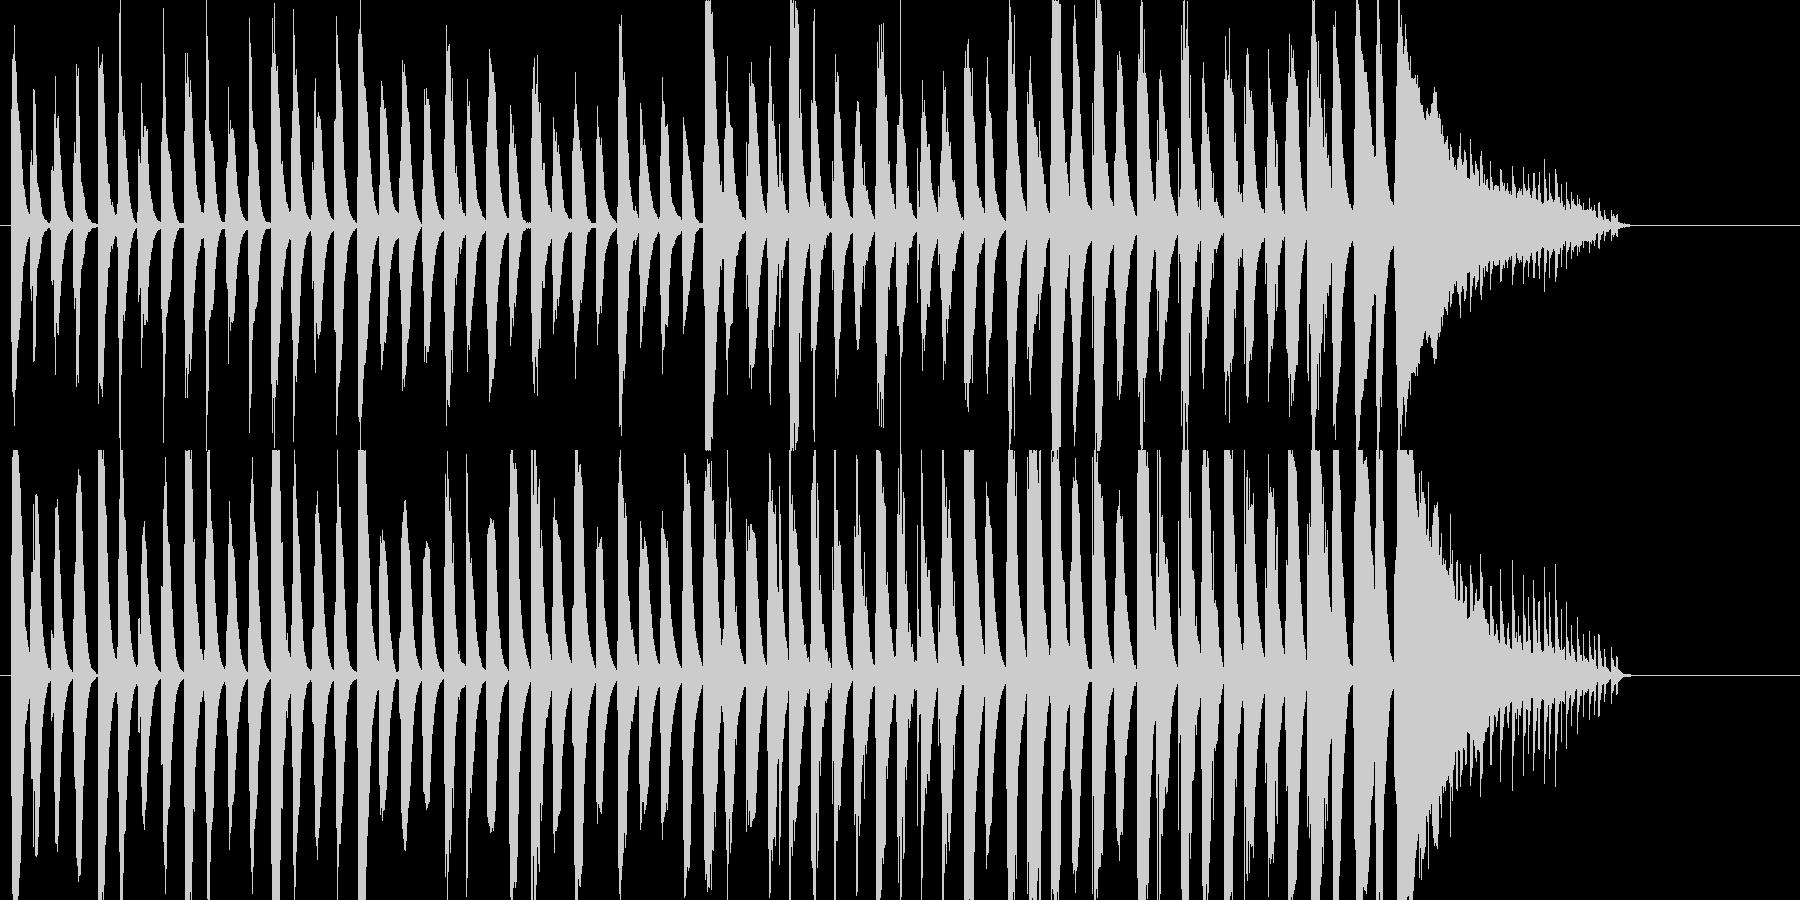 ピアノとパーカッションのほのぼのとした曲の未再生の波形